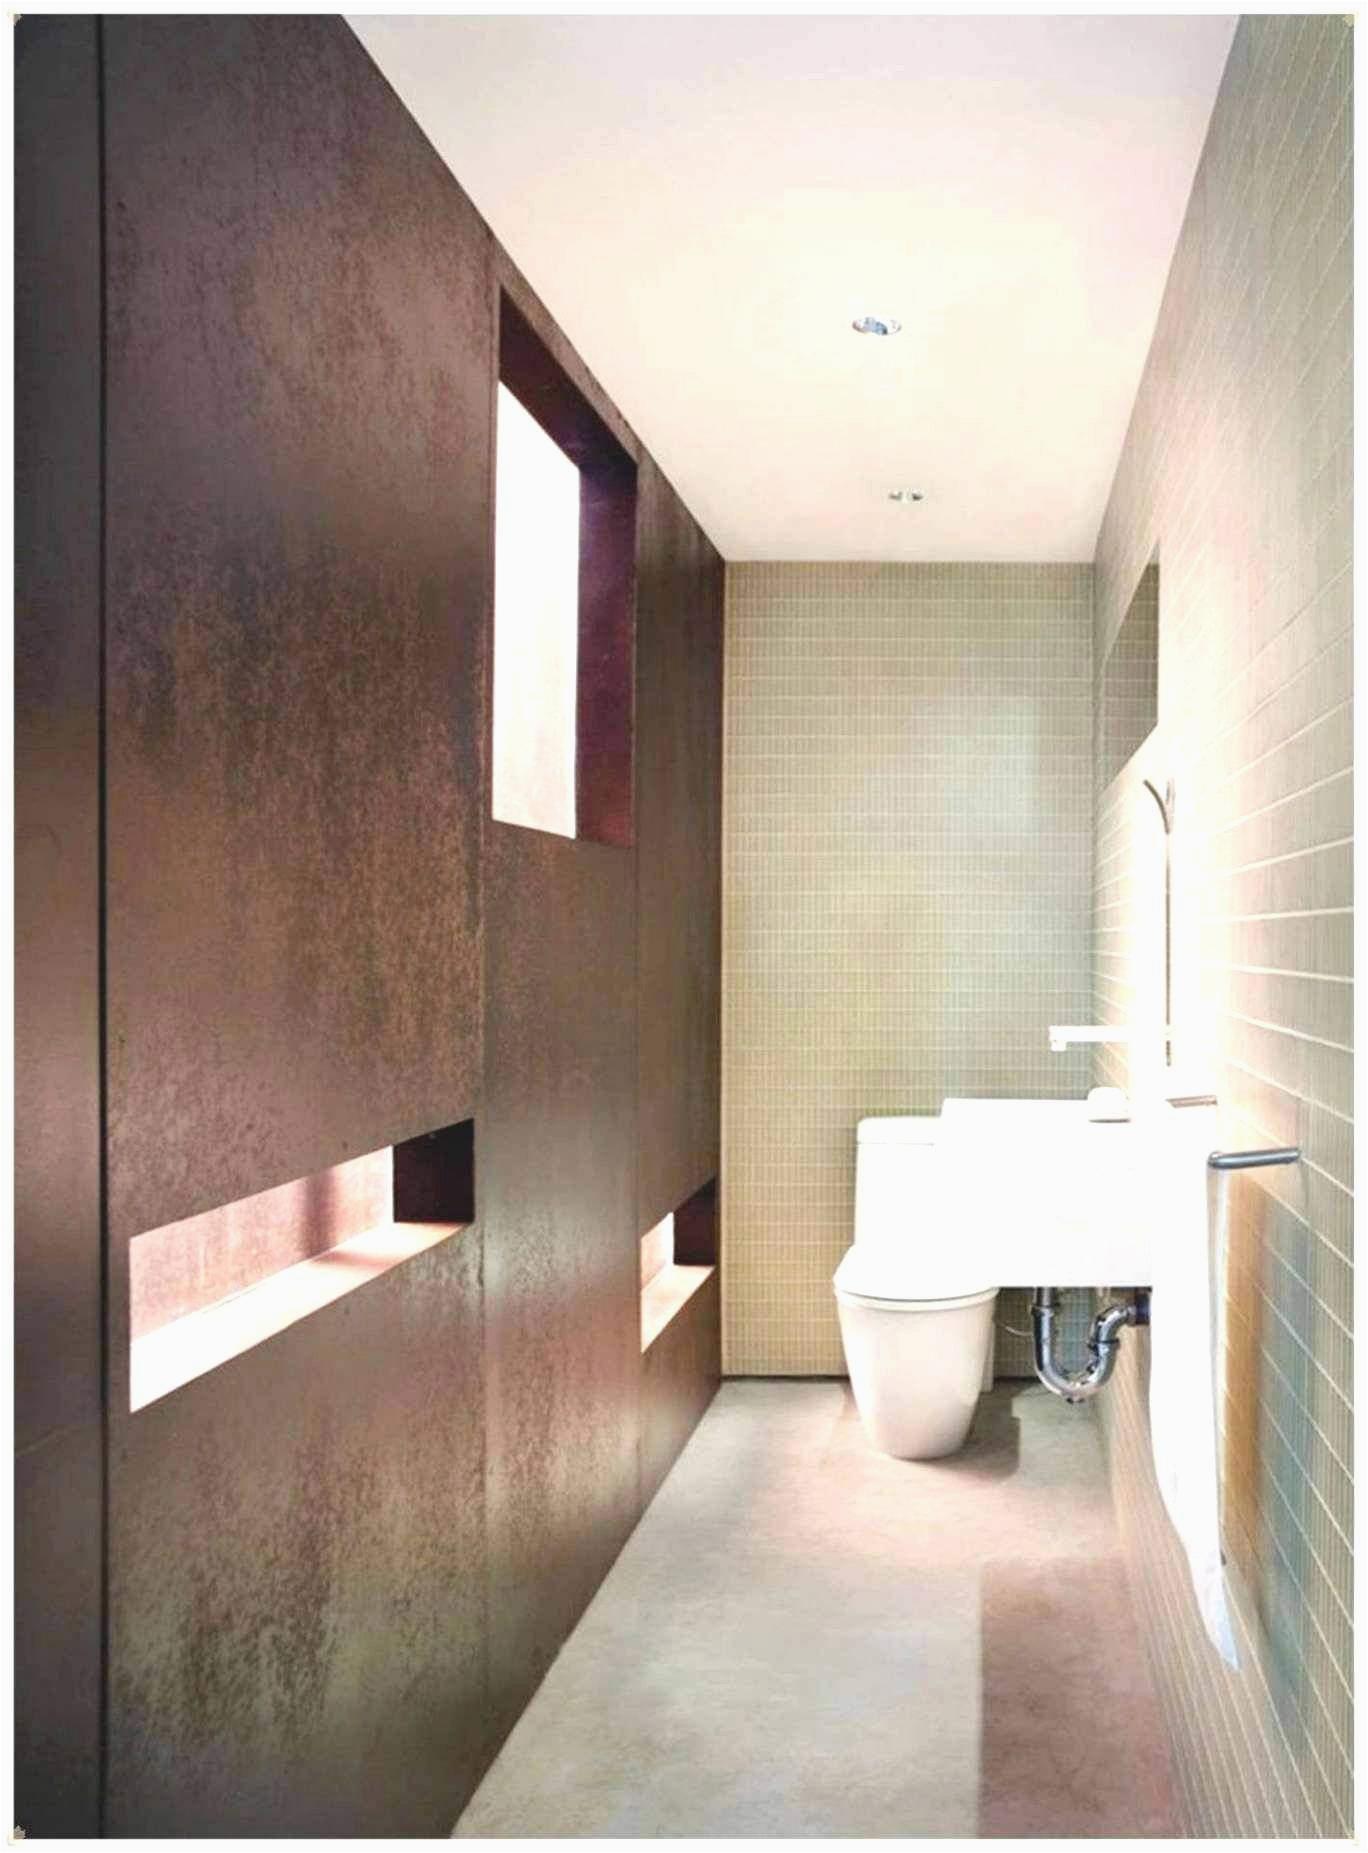 Badezimmer Deko orientalisch Wohnzimmer Design Ideen Frisch Wohnzimmer Ideen orient